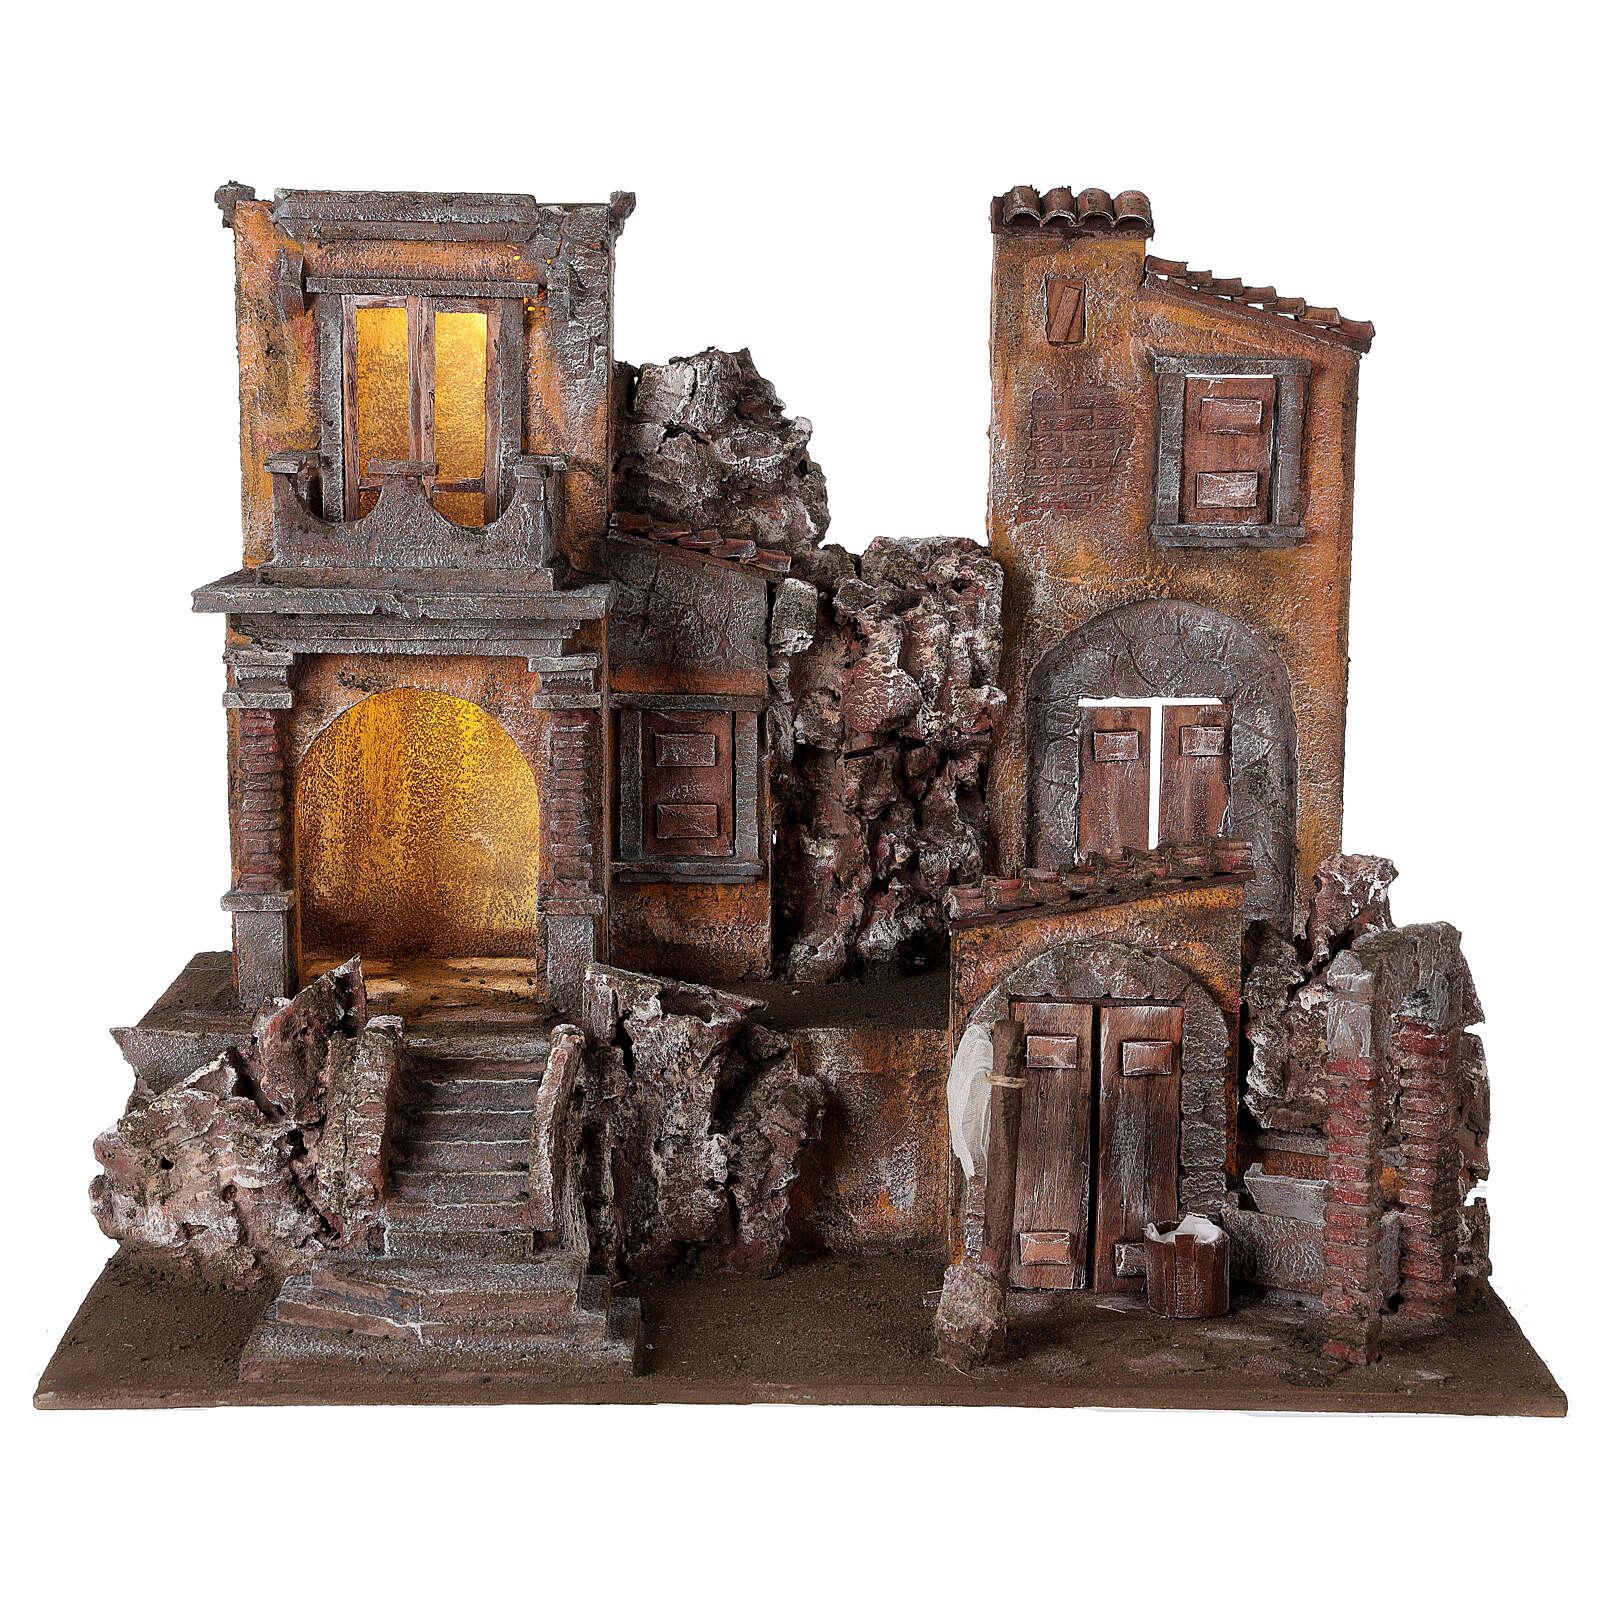 Borgo presepe illuminato con lavanderia 50x60x40 per statue 12 cm 4